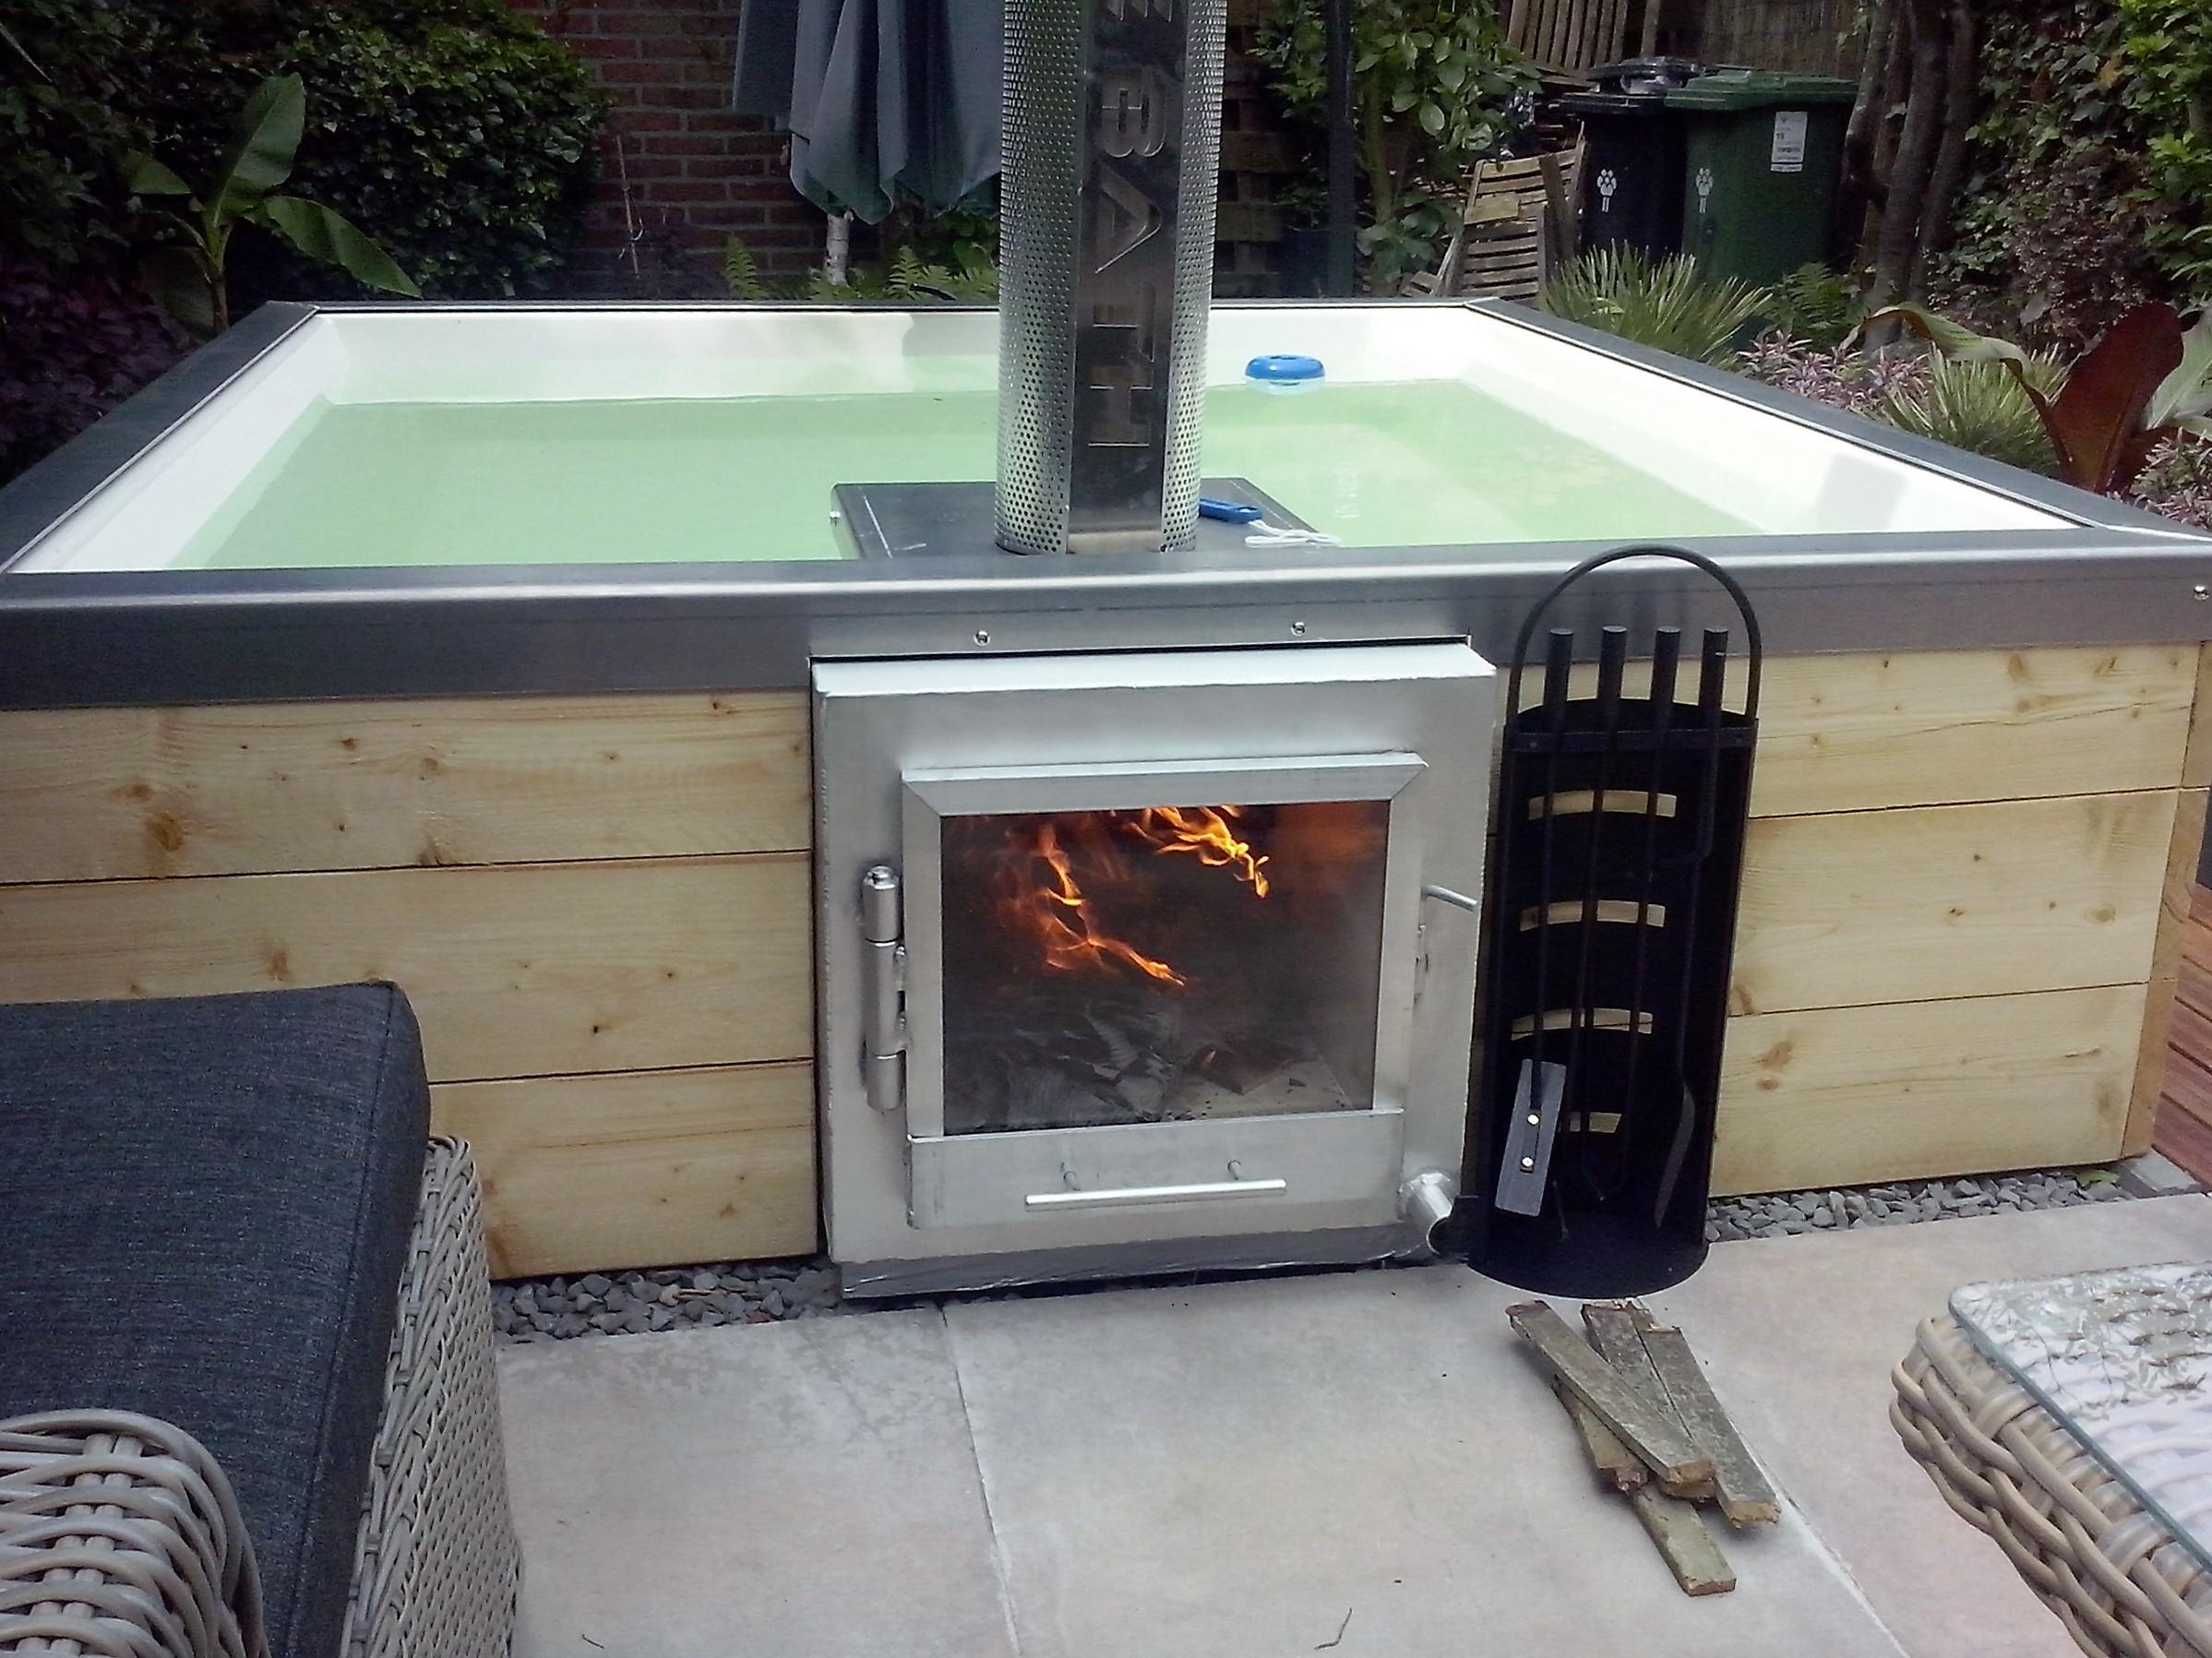 Fabulous Hot tub kopen? 3 Aluminium hottubs [Uniek & Duurzaam] | Lounge Bath @MS15